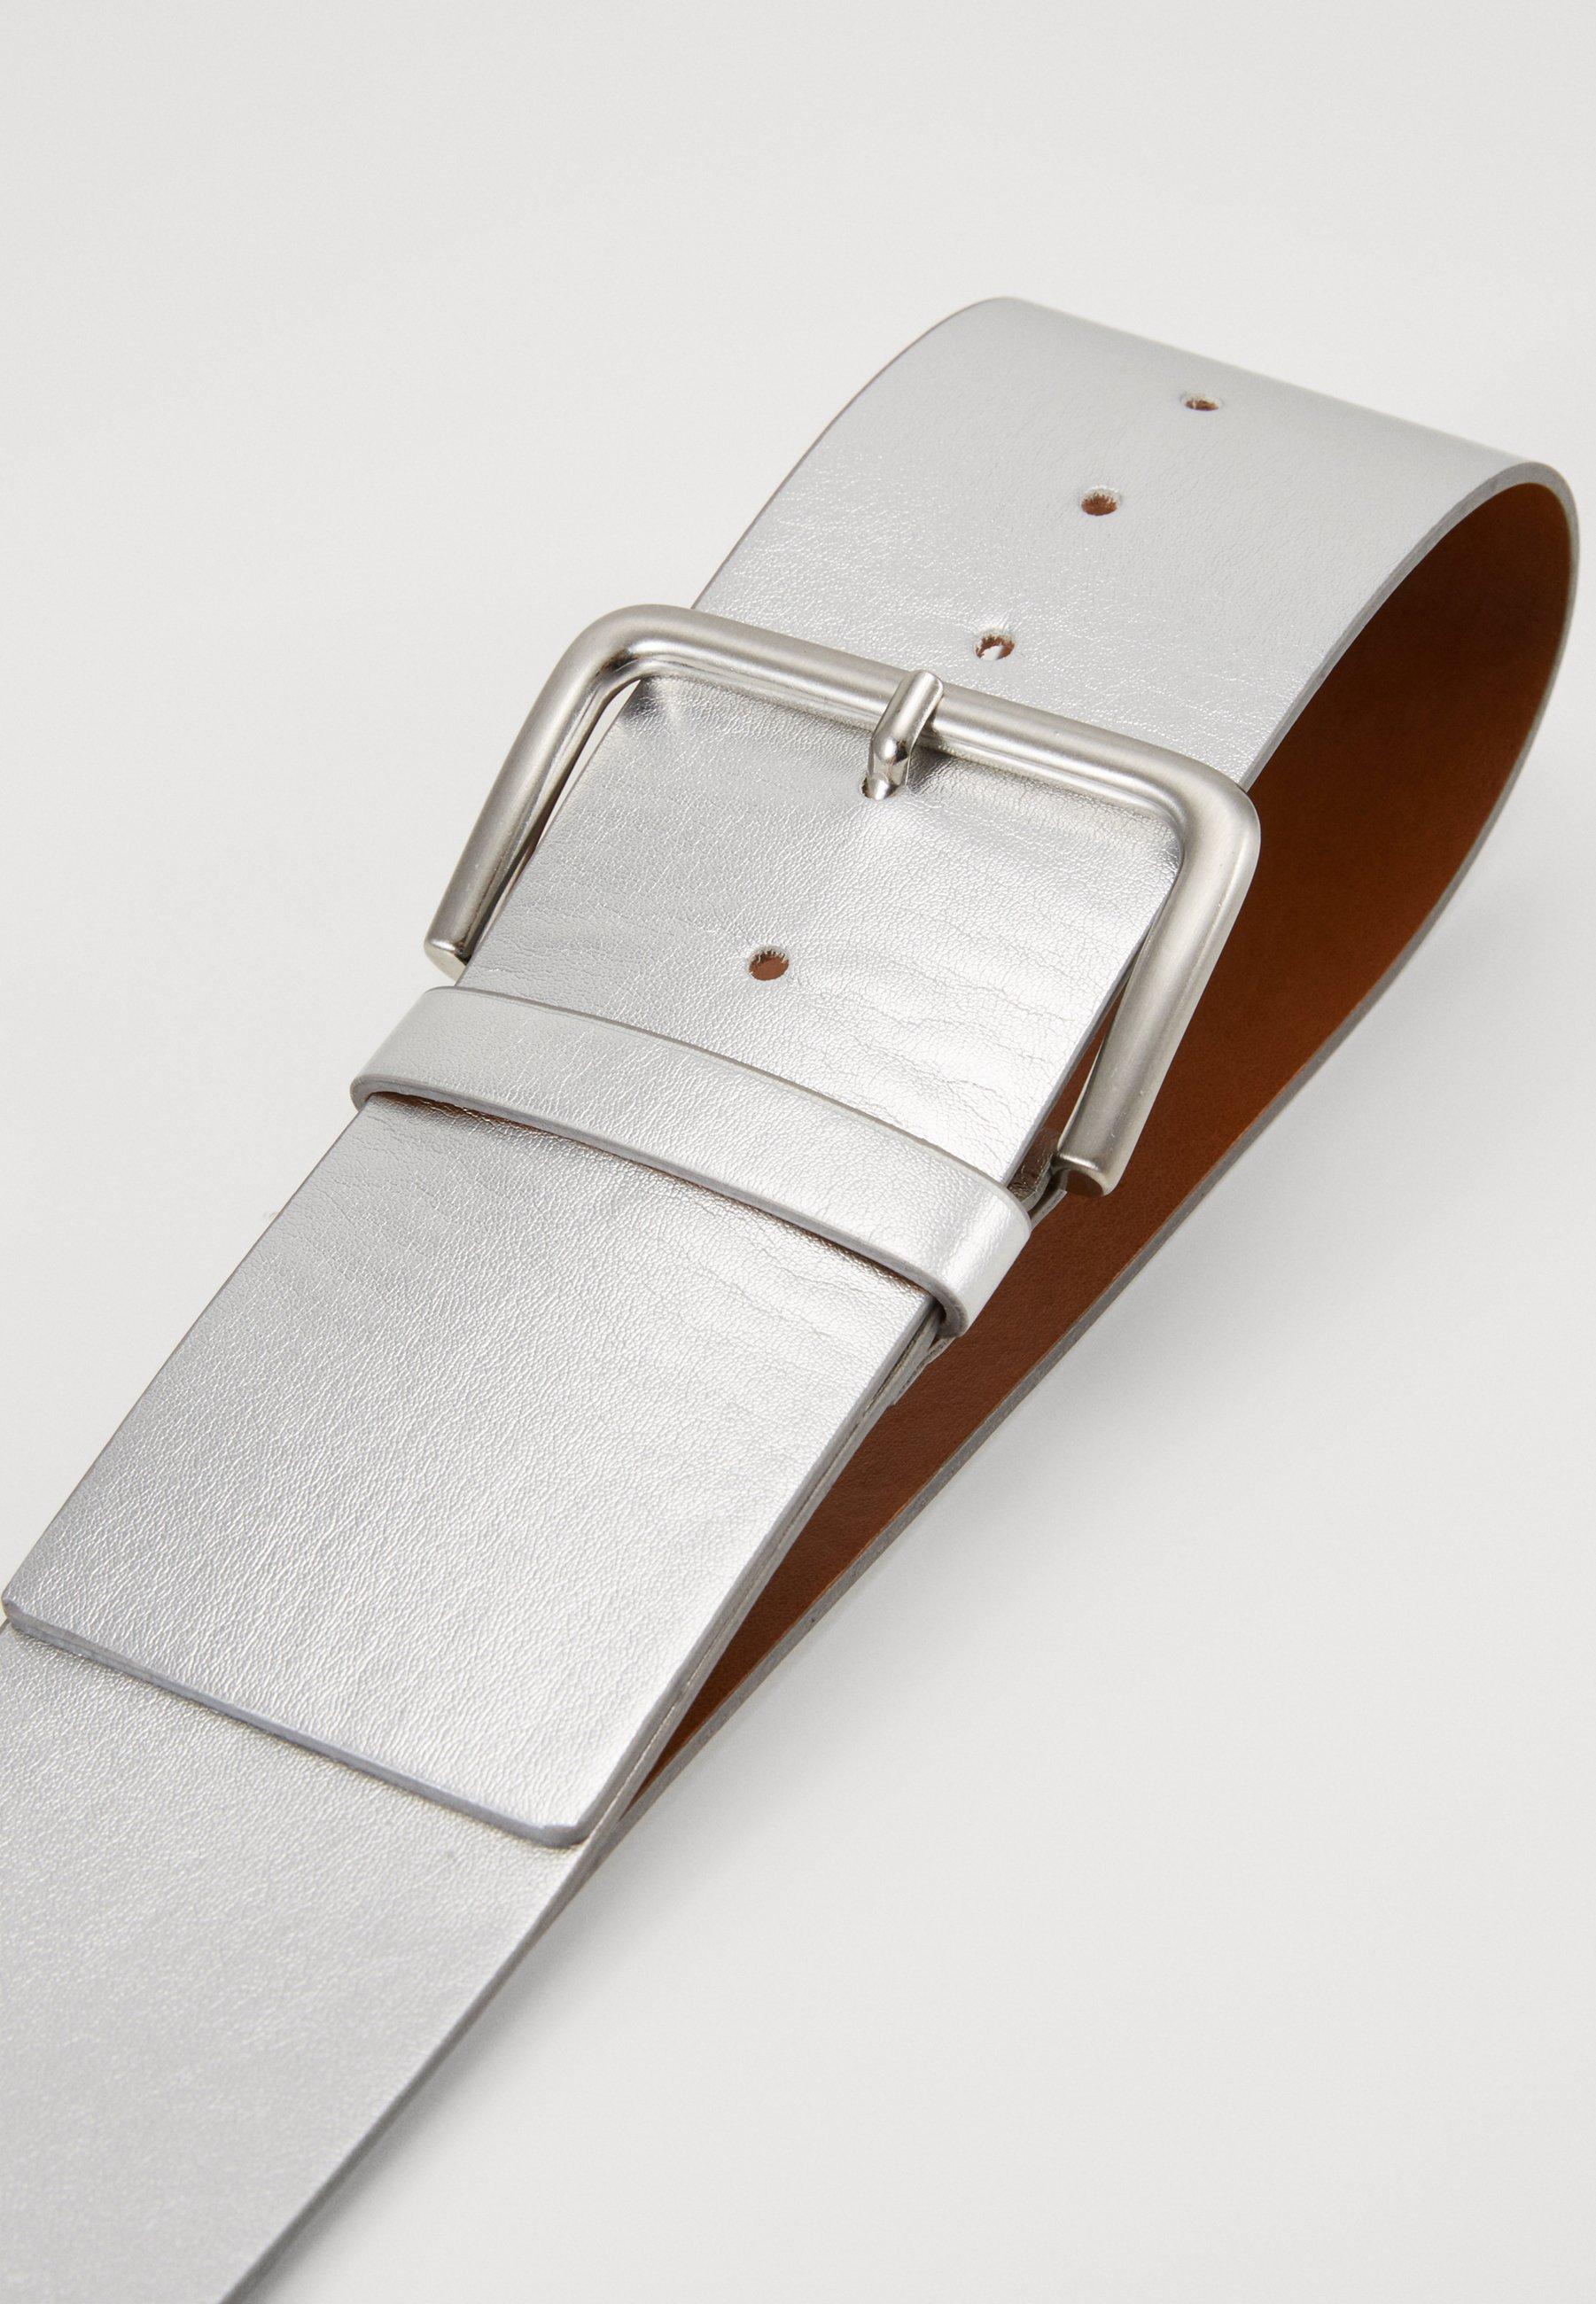 Esprit WIDE HIP BELT - Midjebelte - silver/sølv SQ547FSJnL3d1nt